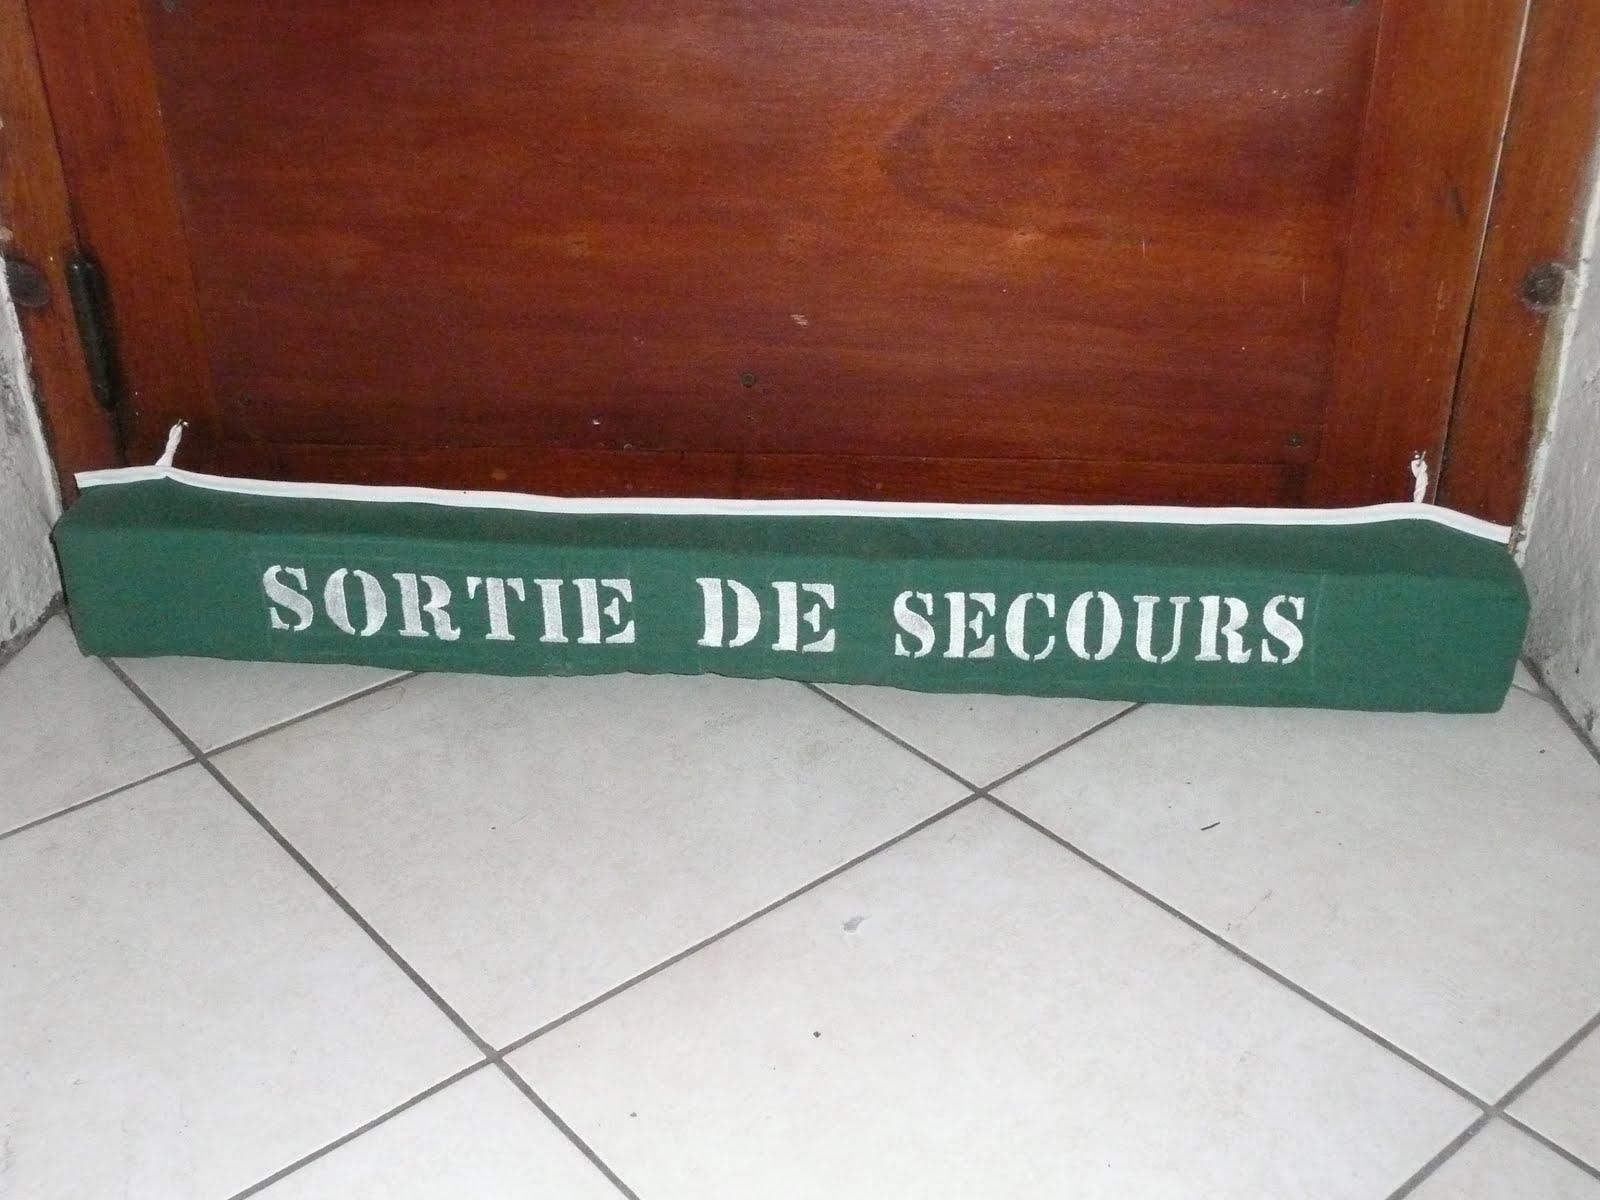 Les bricol 39 d 39 la tortue boudin de porte allez les verts for Boudin de porte ikea